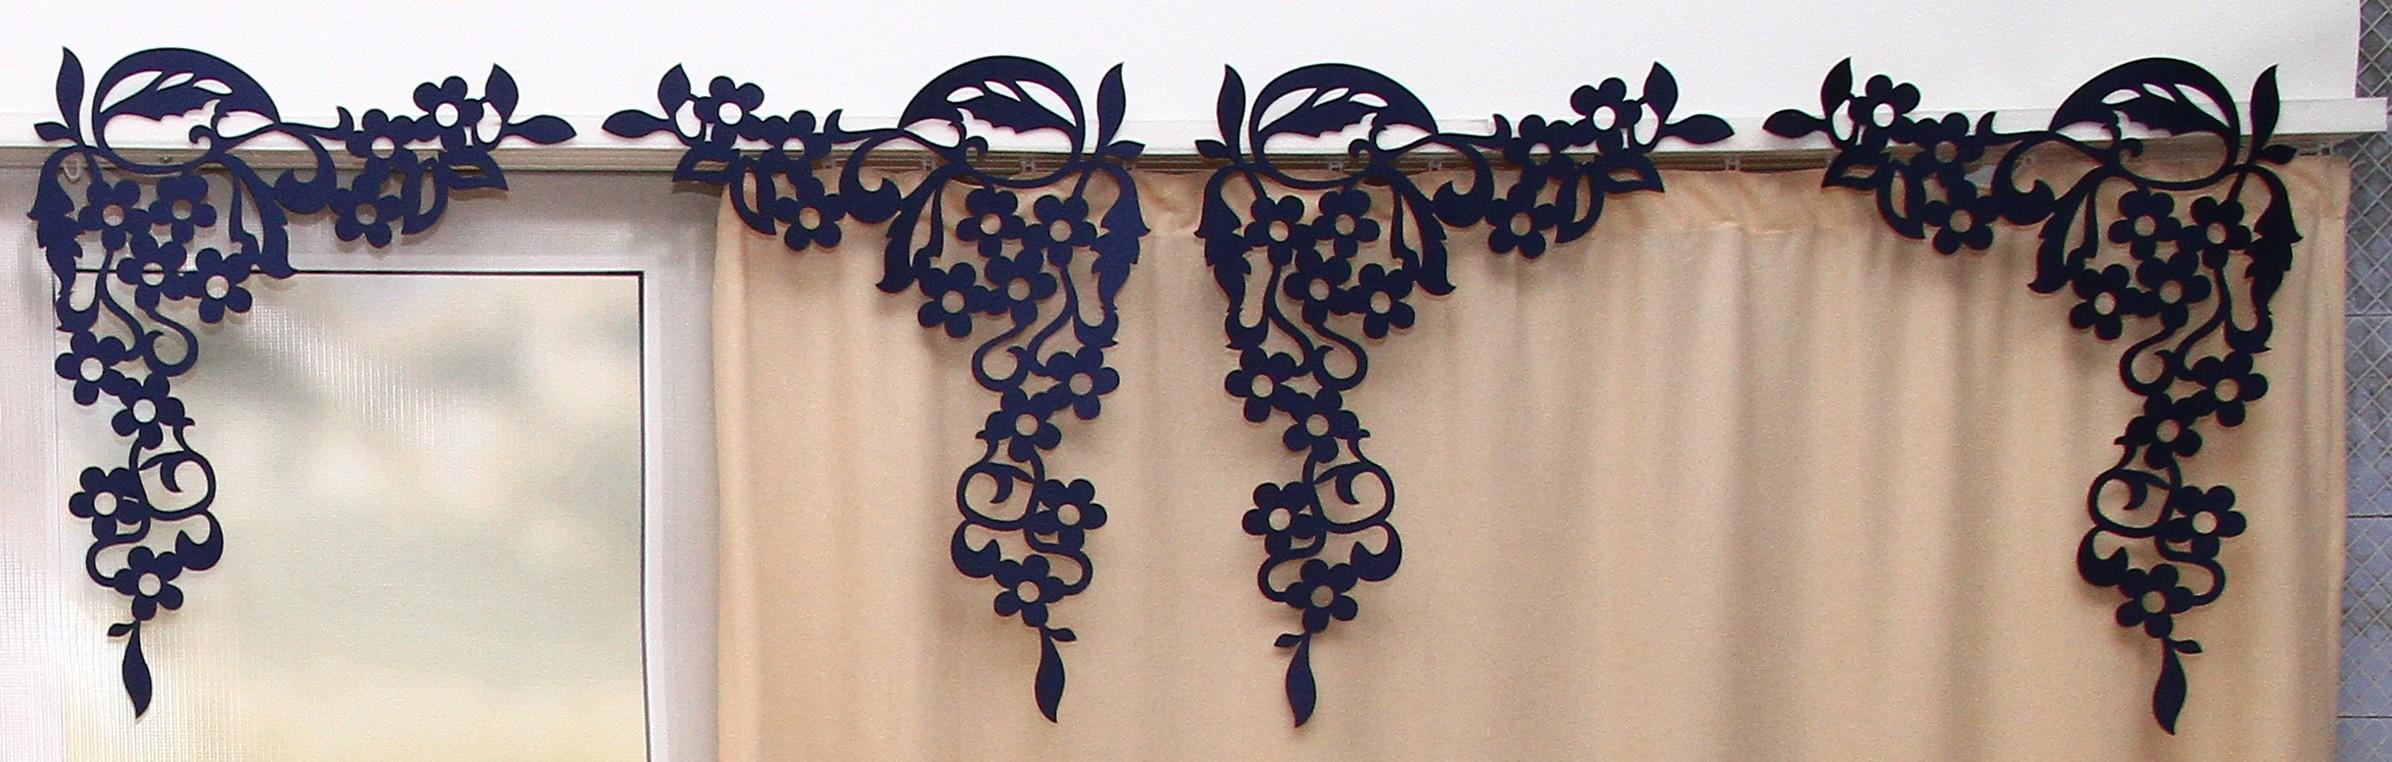 Вышивание или вязание при котором петля входит в петлю 6 букв